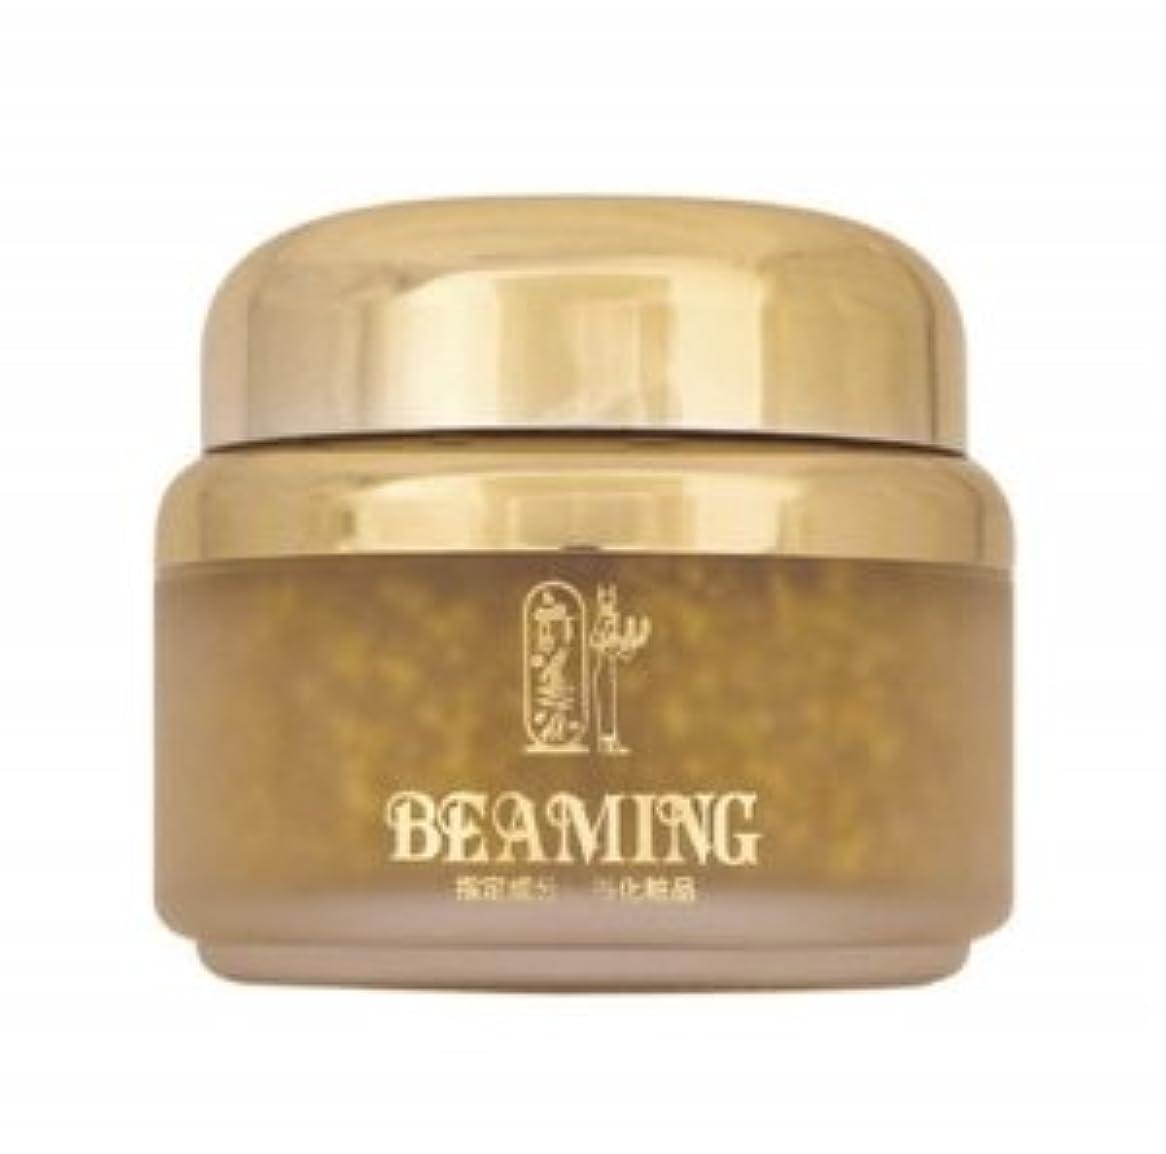 感嘆嘆くはいVIP ビーミングシリーズ 100% 無添加 美容界の奇跡 超高級 純金箔 錆びない肌 究極の スキンケアセット クレオパトラ の 基礎化粧品 日本製 (ビーミングゴールドフェースブロック)